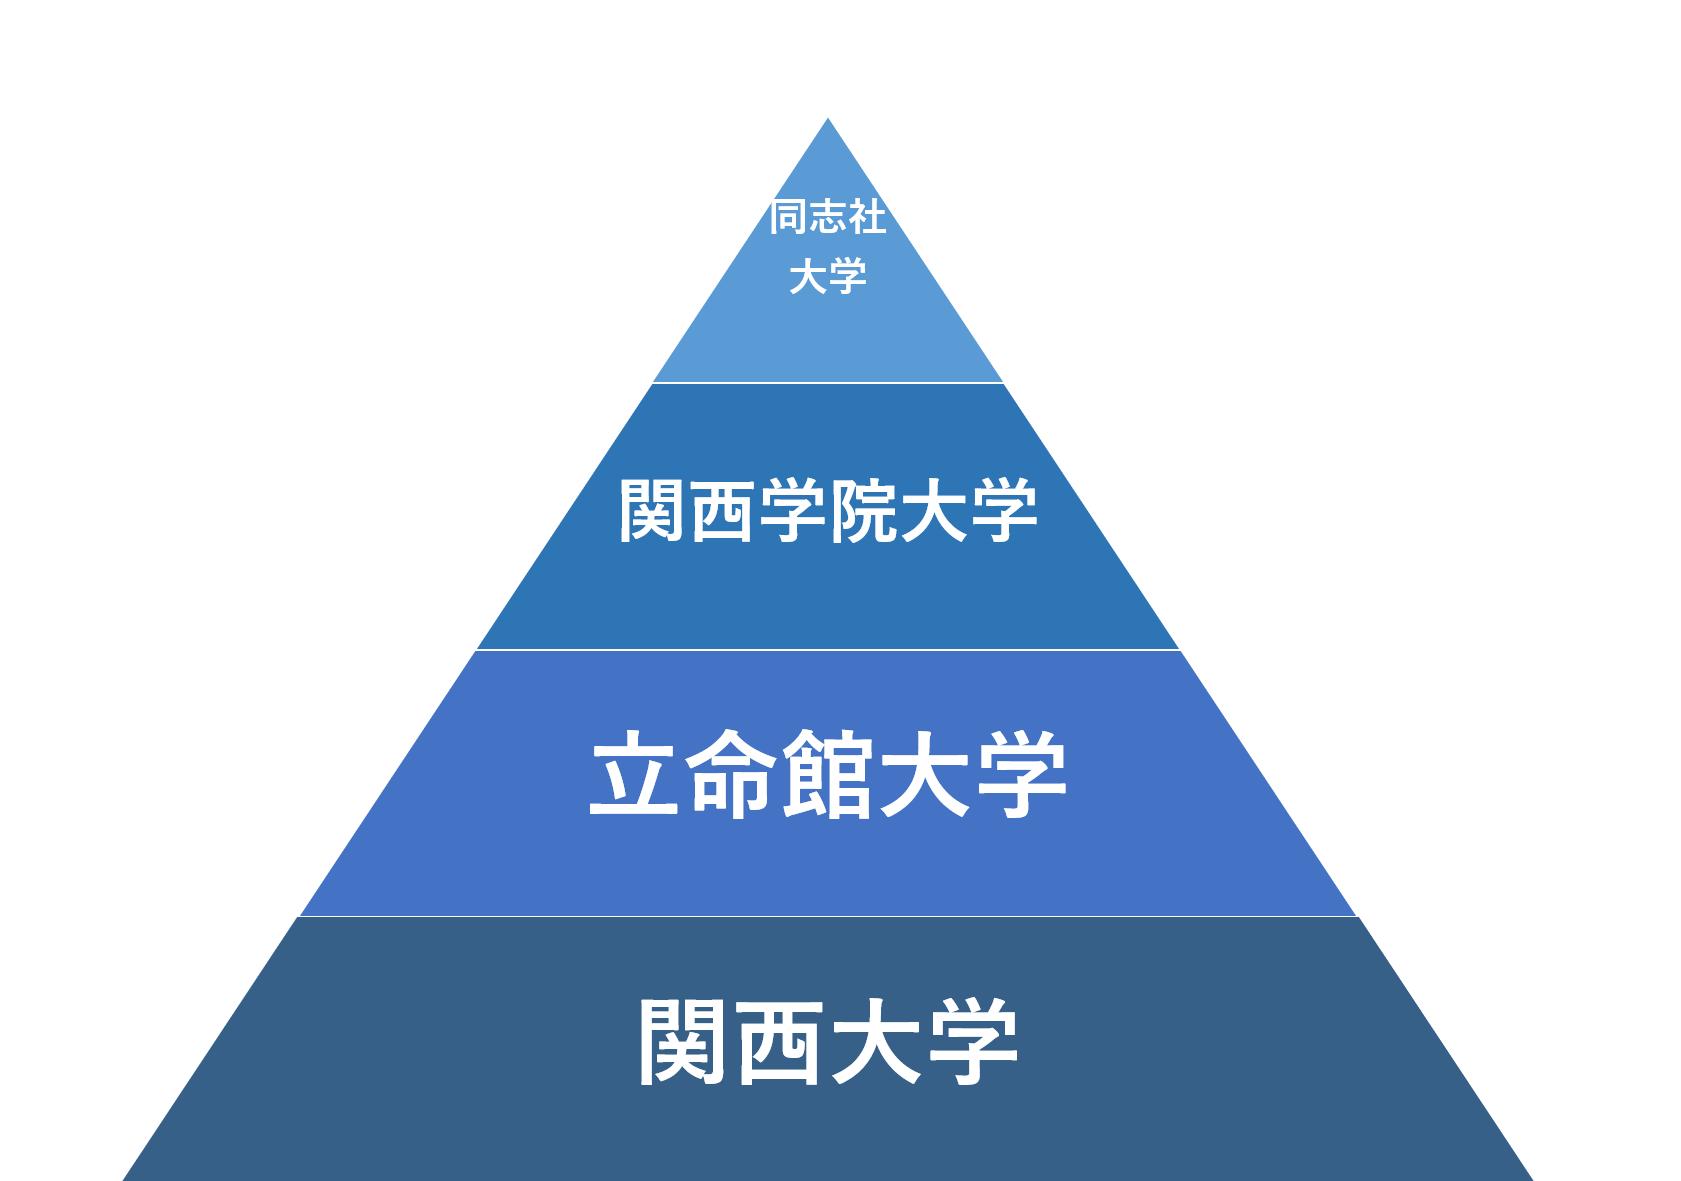 関西 大学 文学部 偏差 値